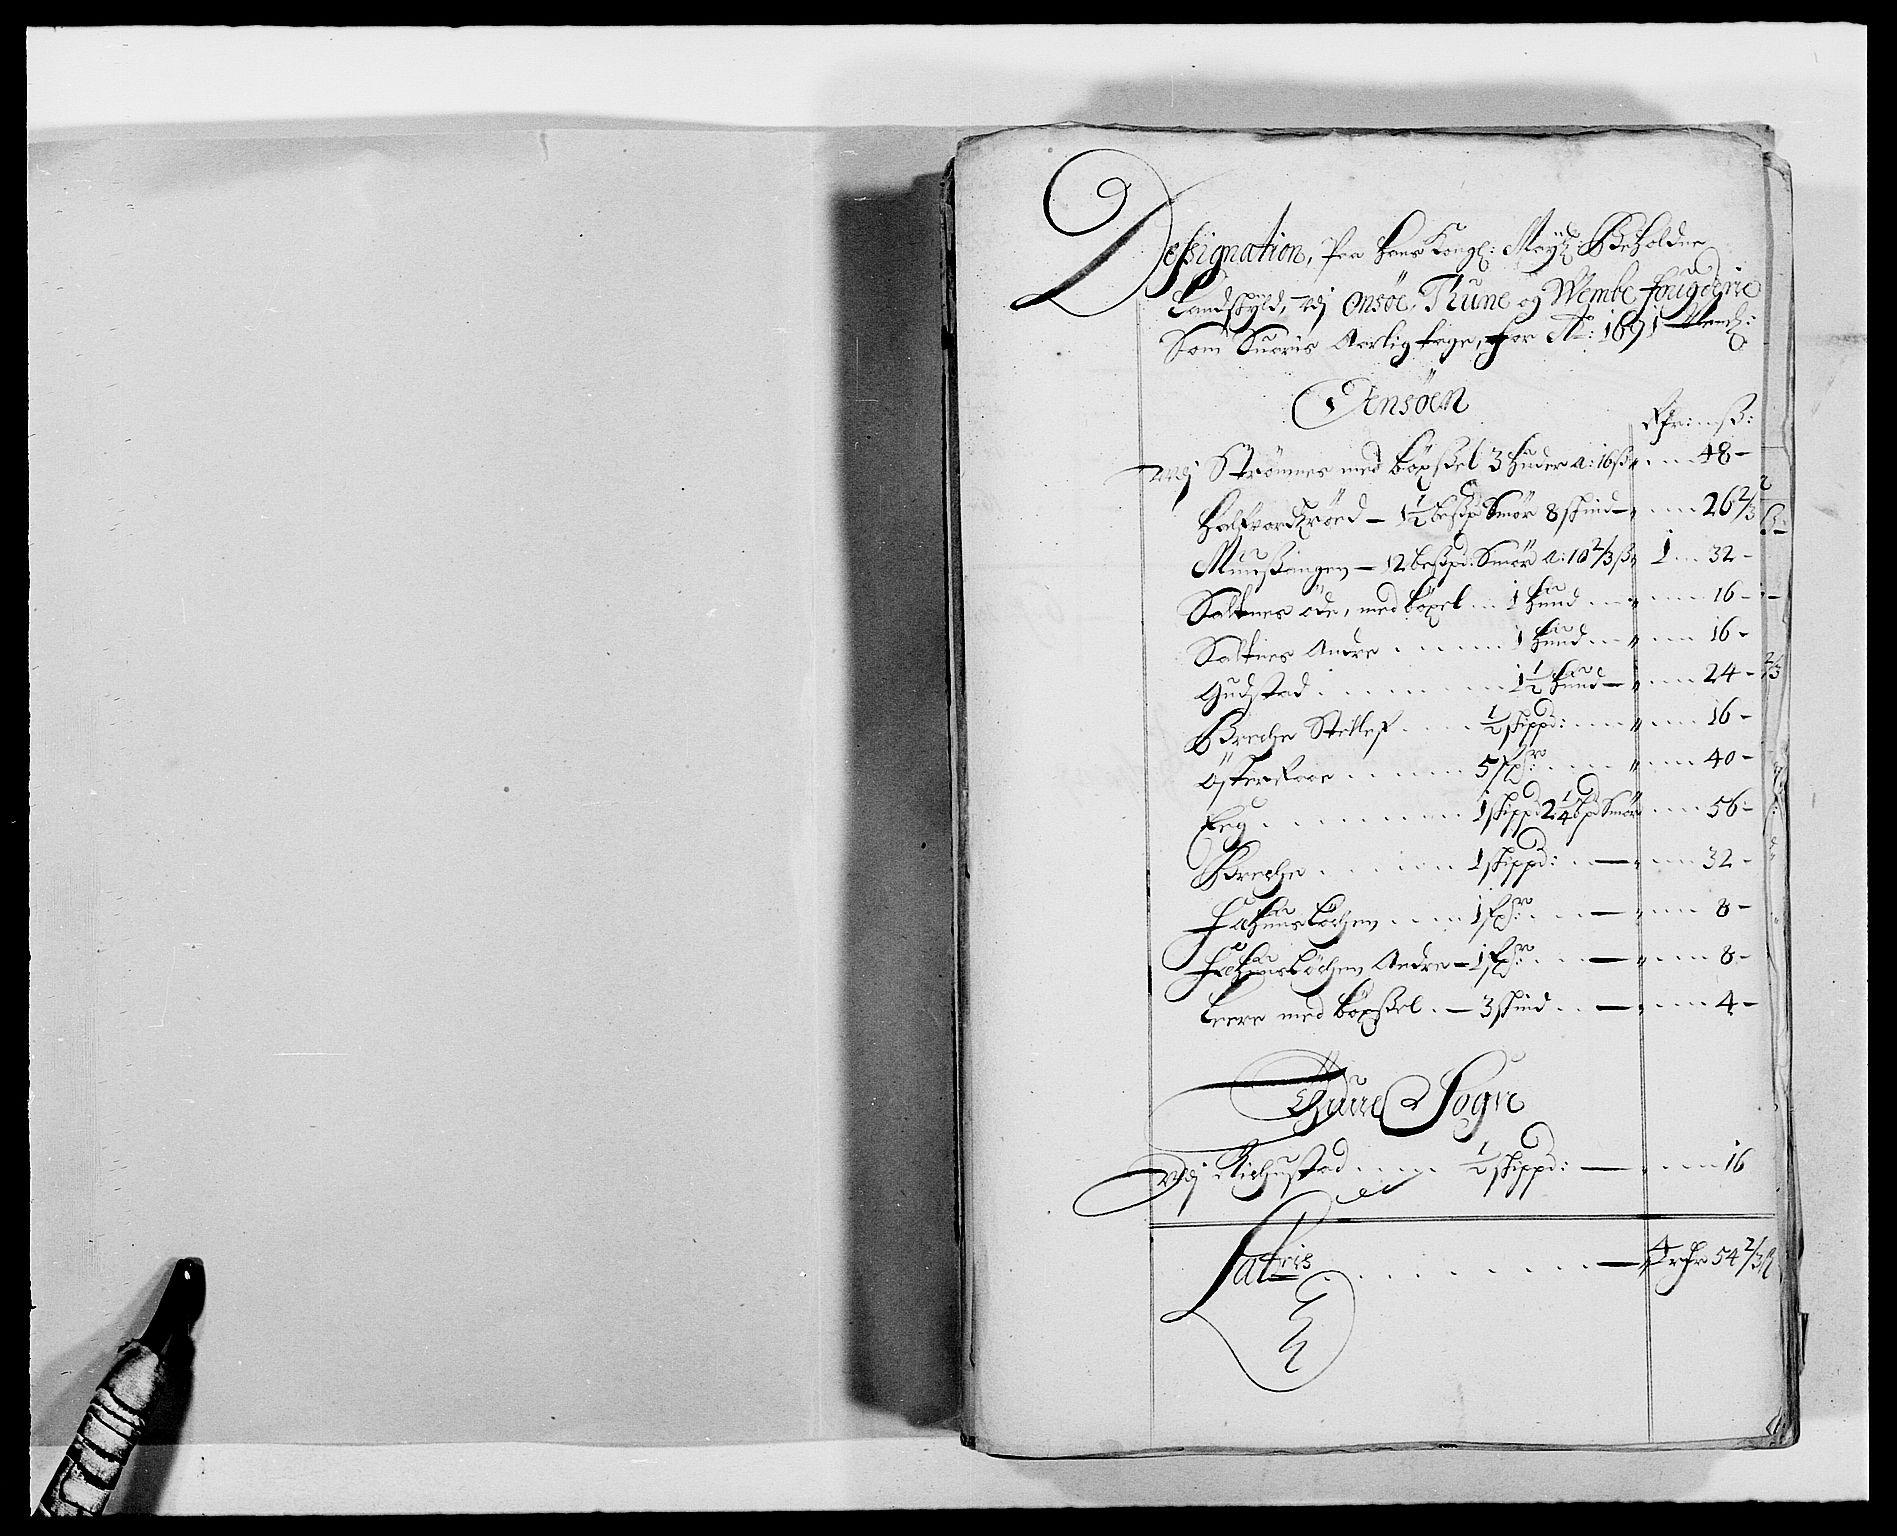 RA, Rentekammeret inntil 1814, Reviderte regnskaper, Fogderegnskap, R03/L0119: Fogderegnskap Onsøy, Tune, Veme og Åbygge fogderi, 1690-1691, s. 279